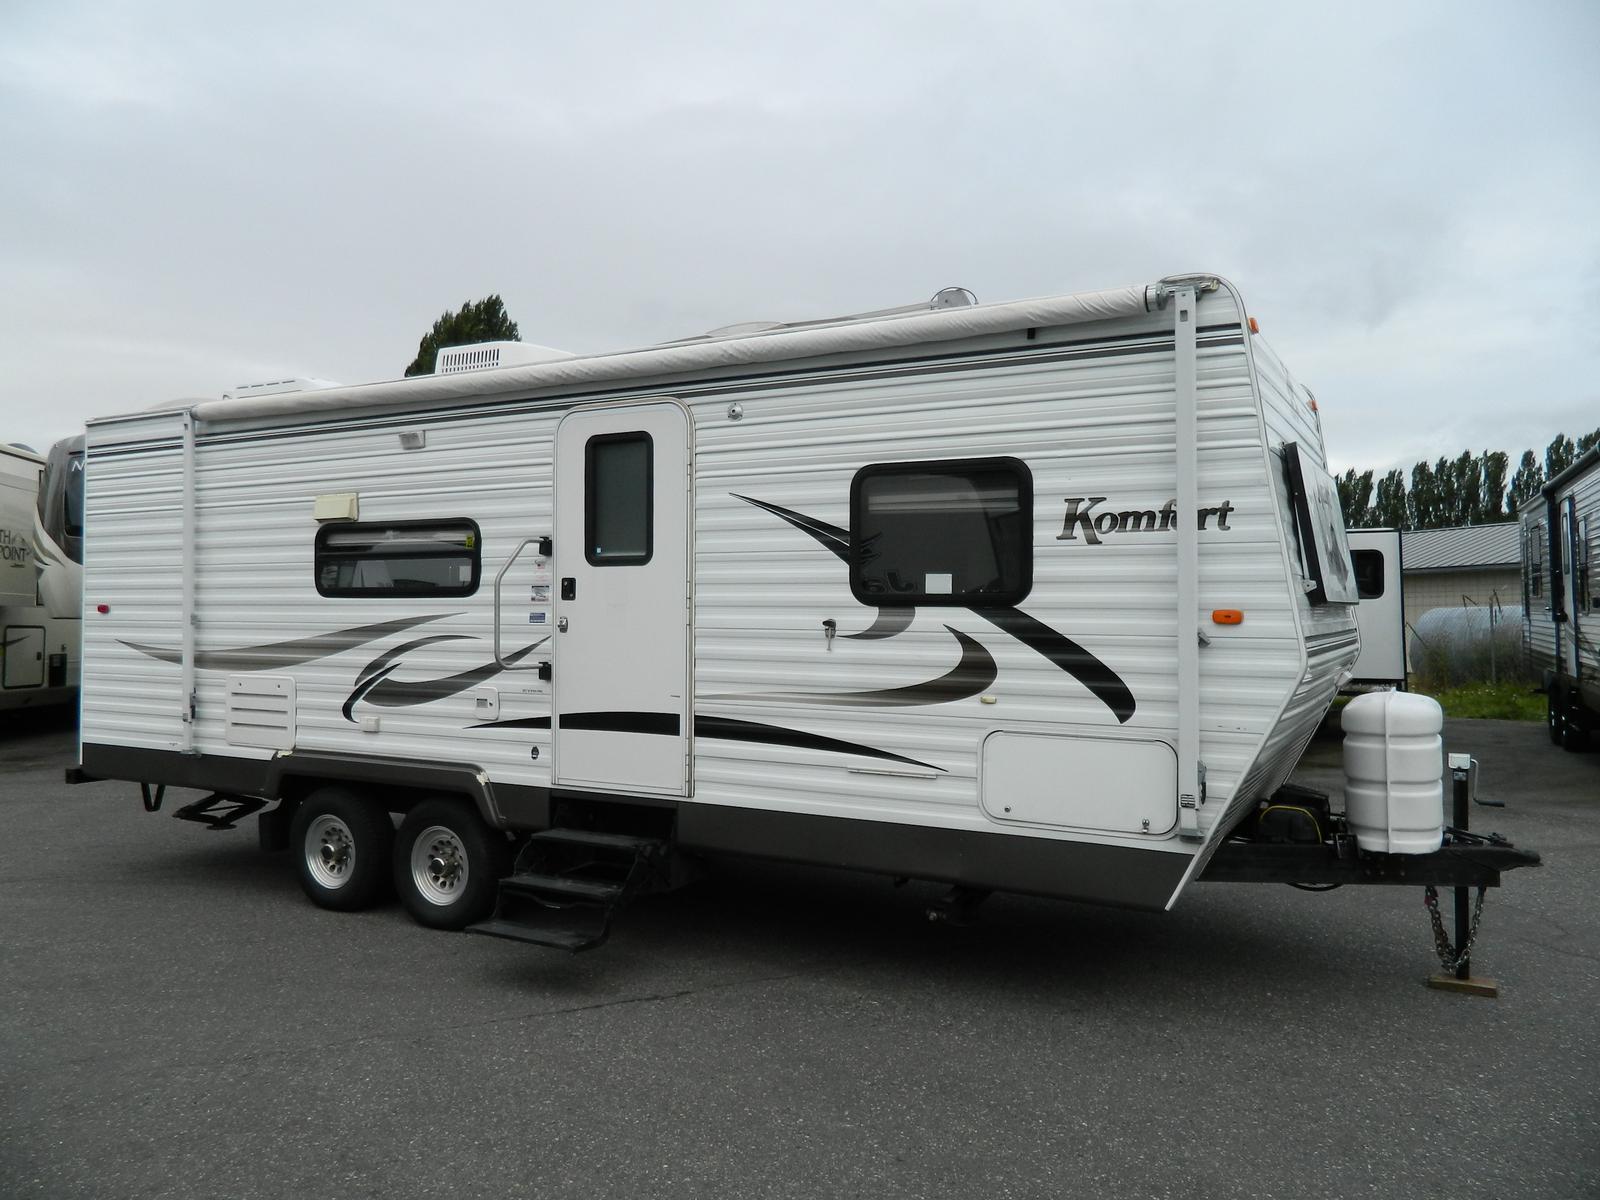 76 2005 Komfort Travel Trailer Floor Plans Dutchman Pop Up Camper Wiring Diagram By Dutchmen 25tbs For Sale In Mt Vernon Wa Blade